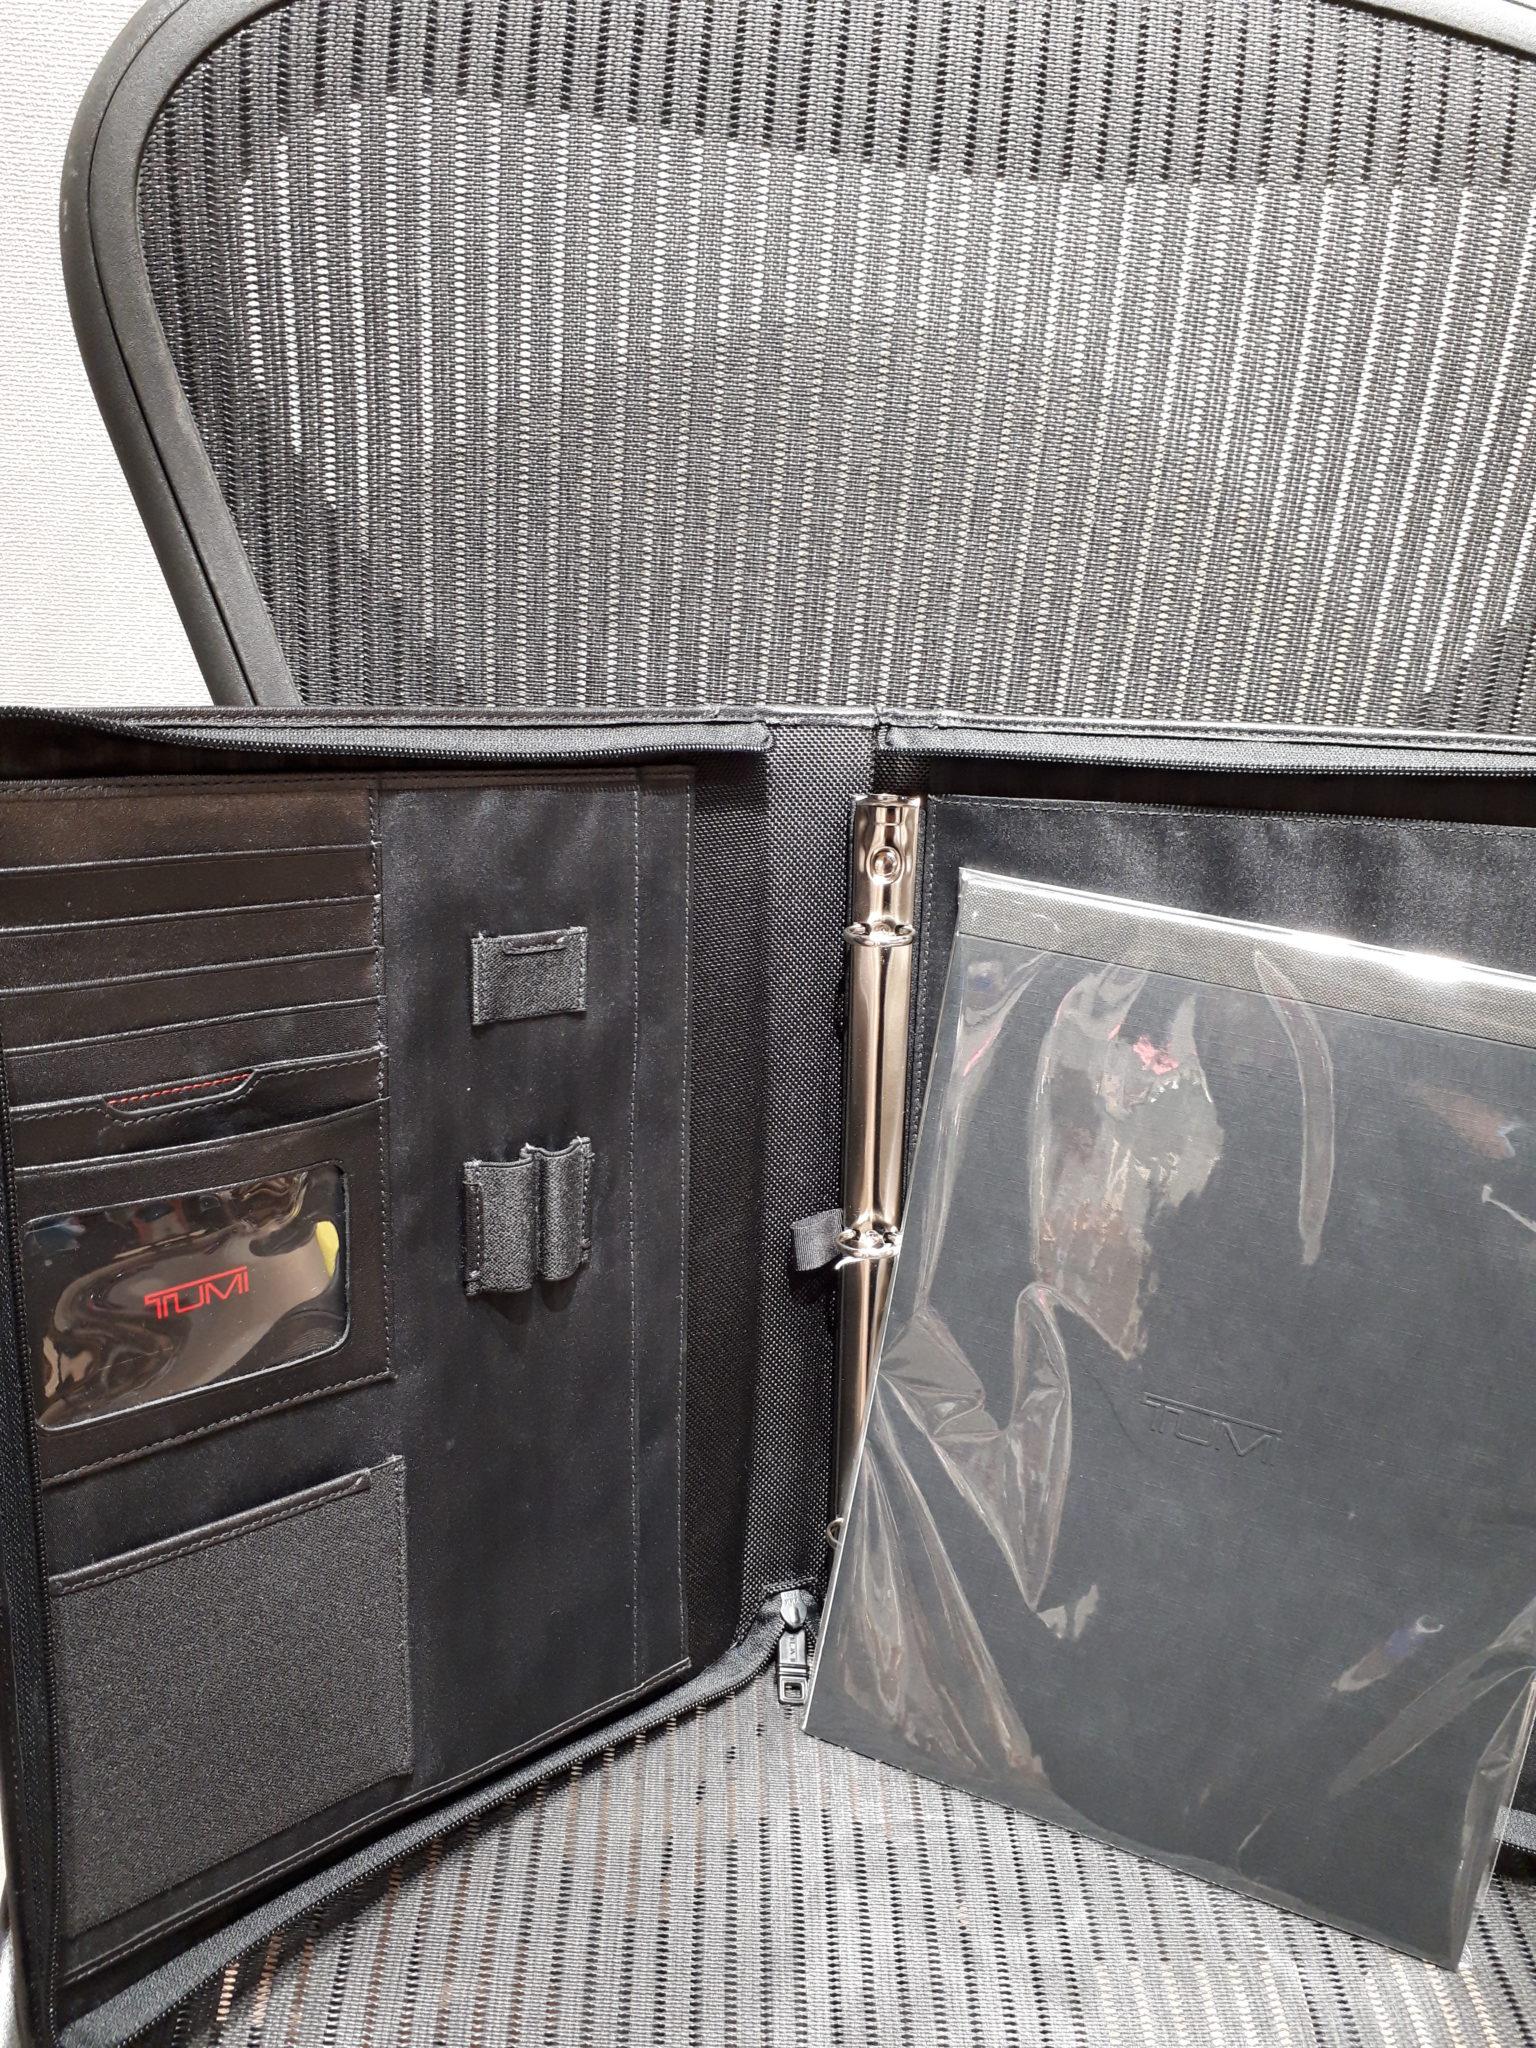 【TUMI バインダーケース】を盛岡市のお客様より買取させていただきました!